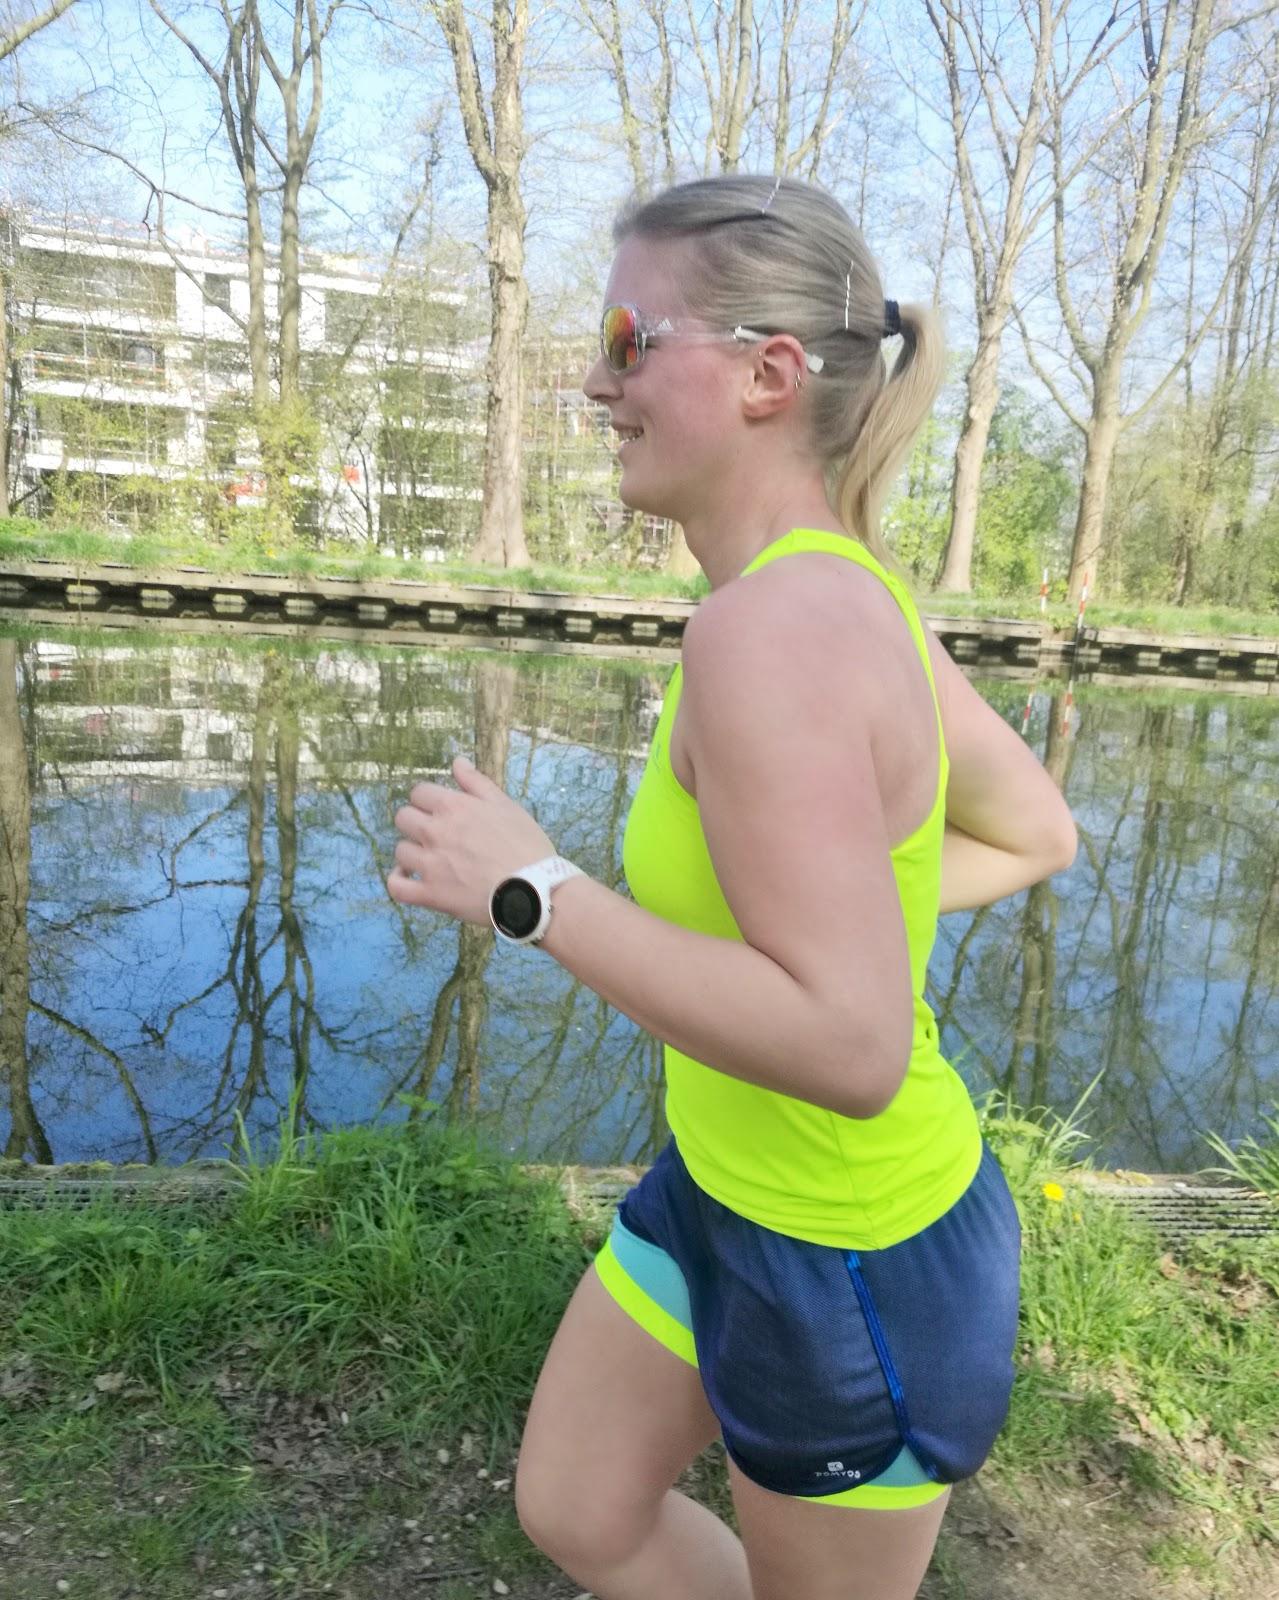 201704091738493533 | Eline Van Dingenen